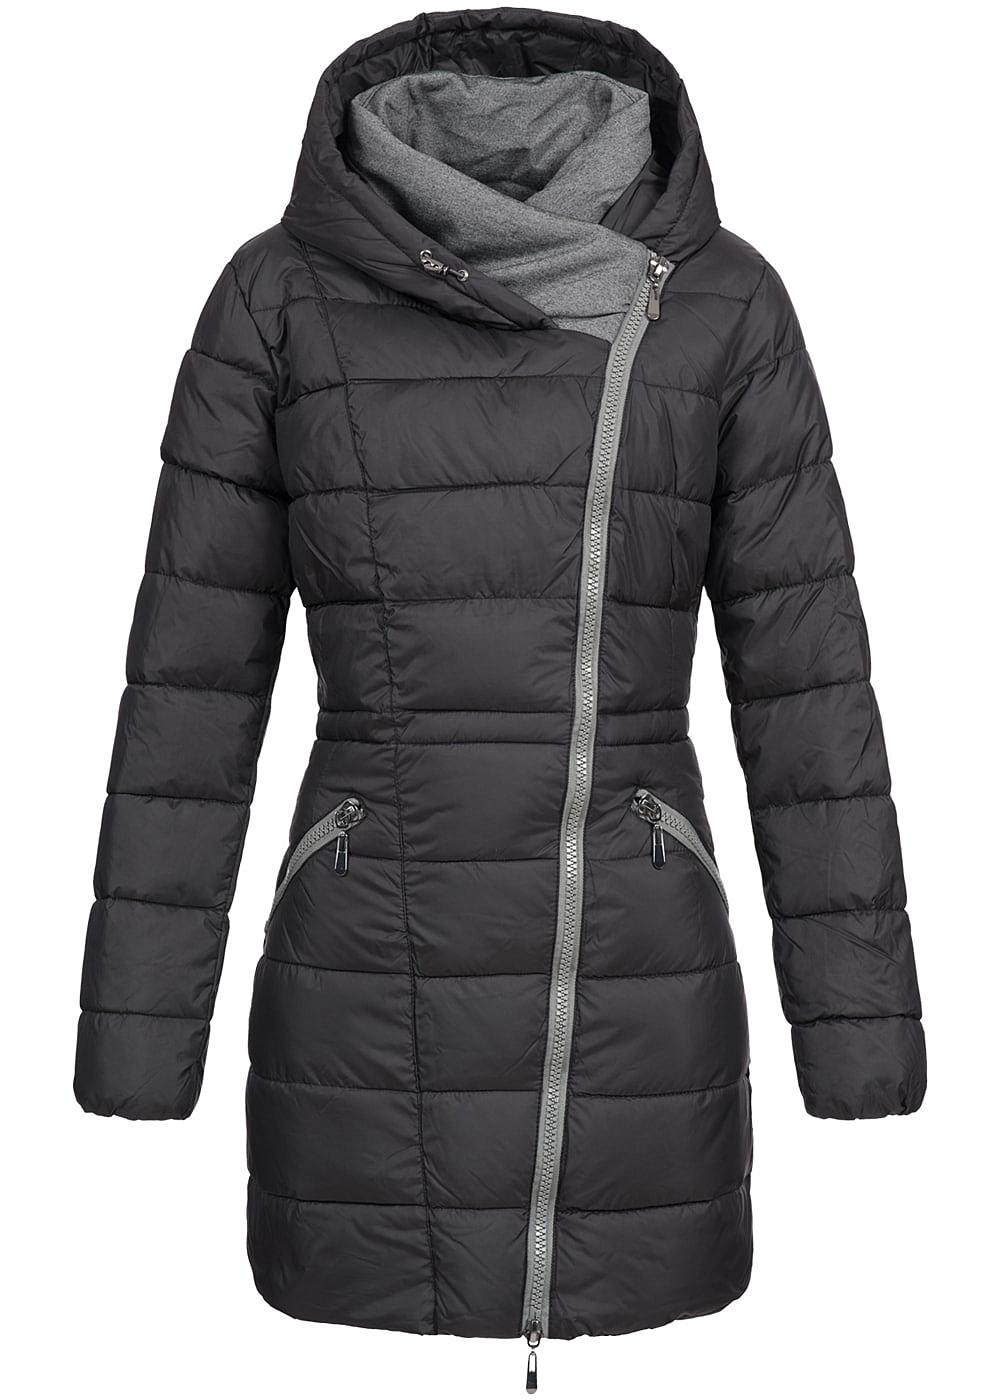 seventyseven lifestyle damen winter mantel kapuze zipper seitlich 2 taschen schwarz 77onlineshop. Black Bedroom Furniture Sets. Home Design Ideas